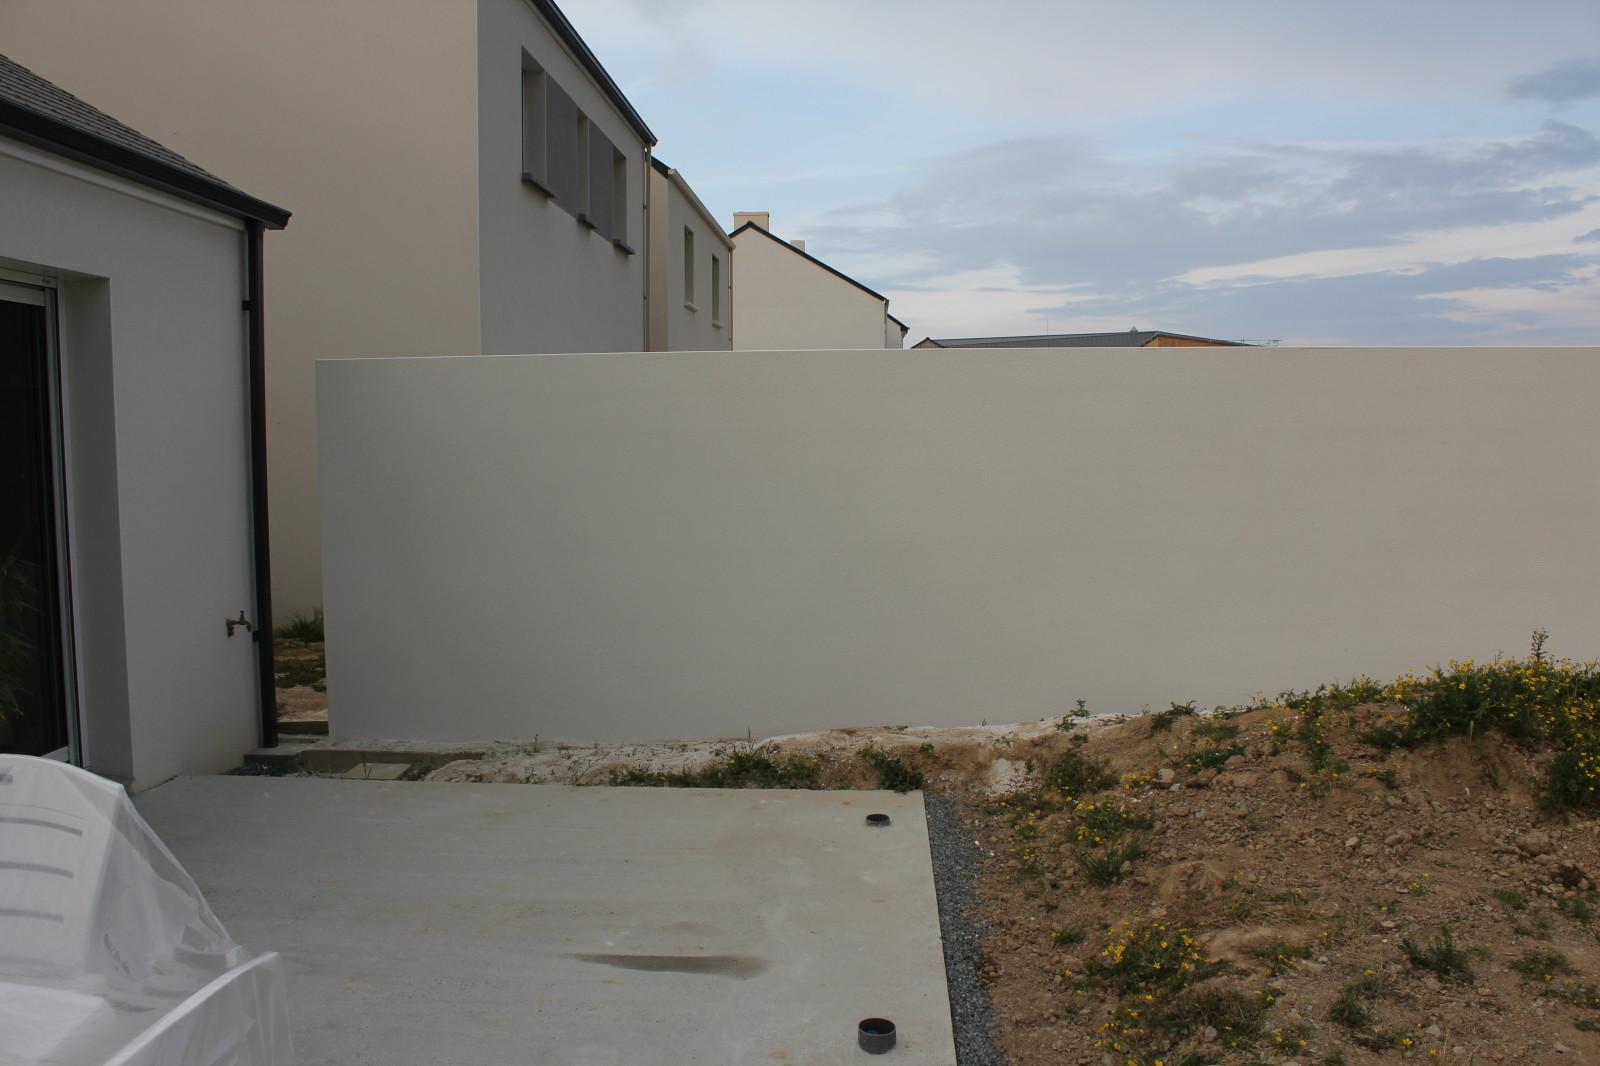 Decoration Mur Exterieur Maison En Tunisie Design En Image